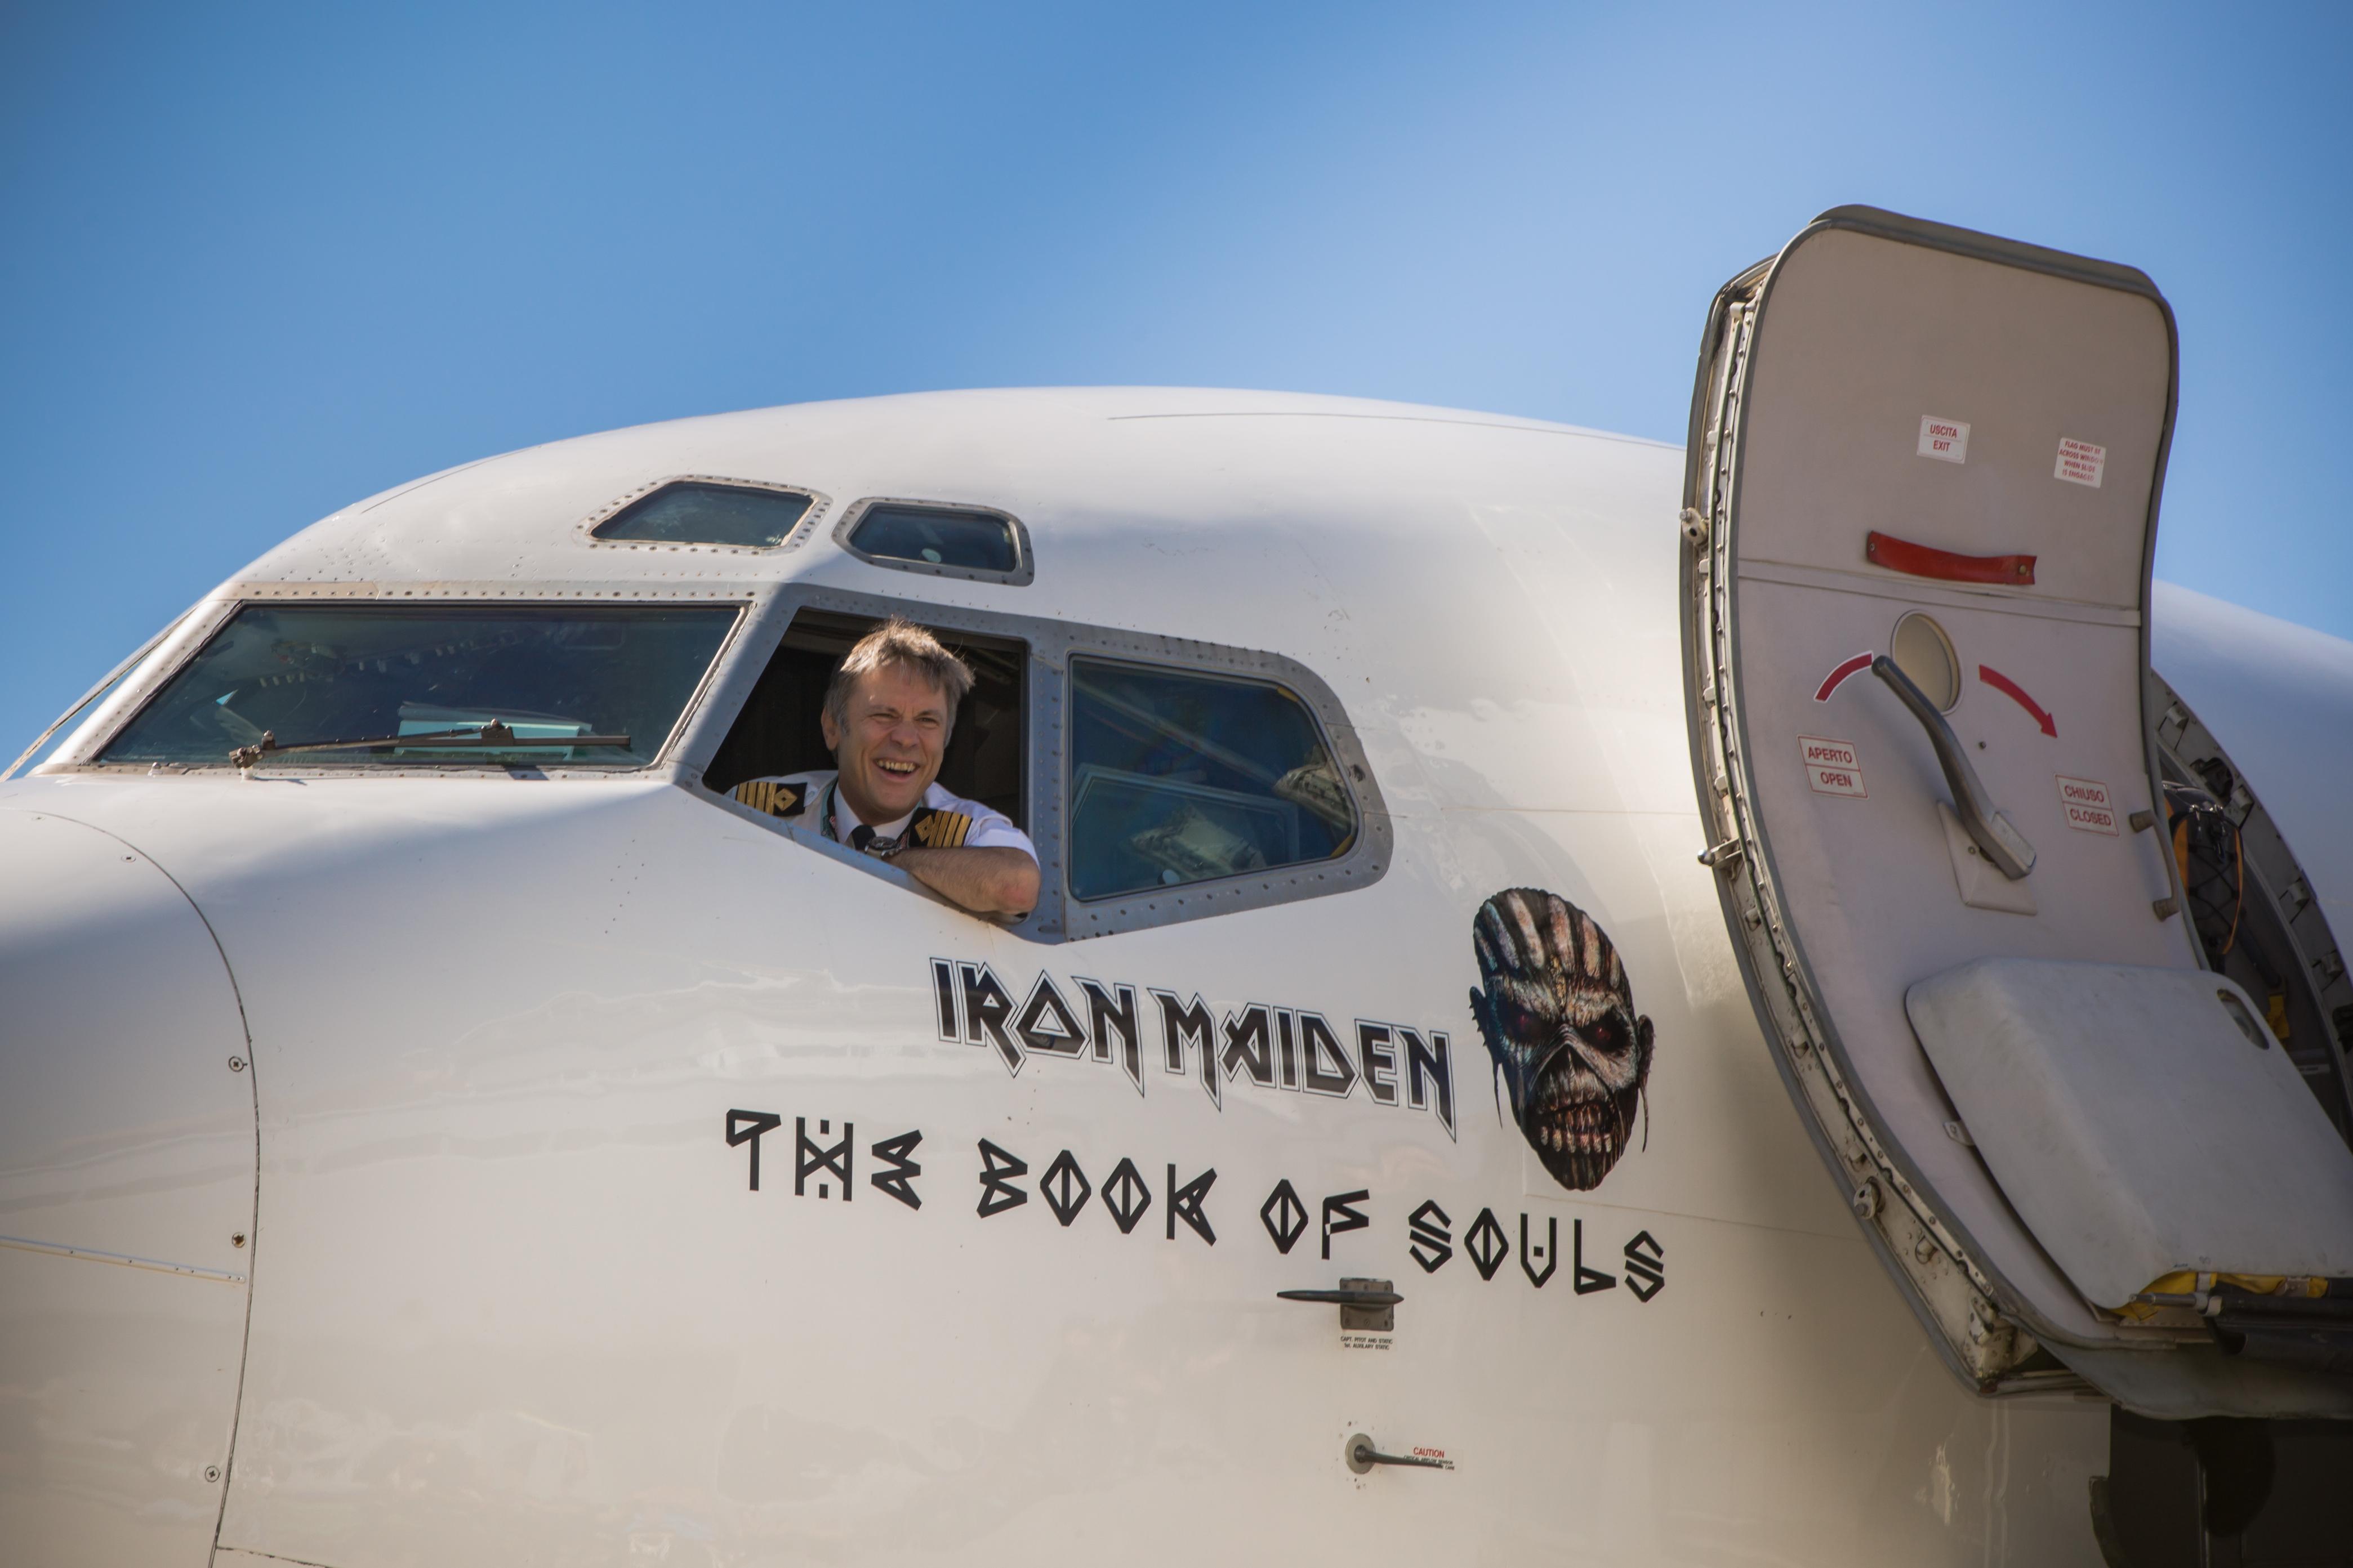 011-34-iron maiden flight666 - cardiff aviation